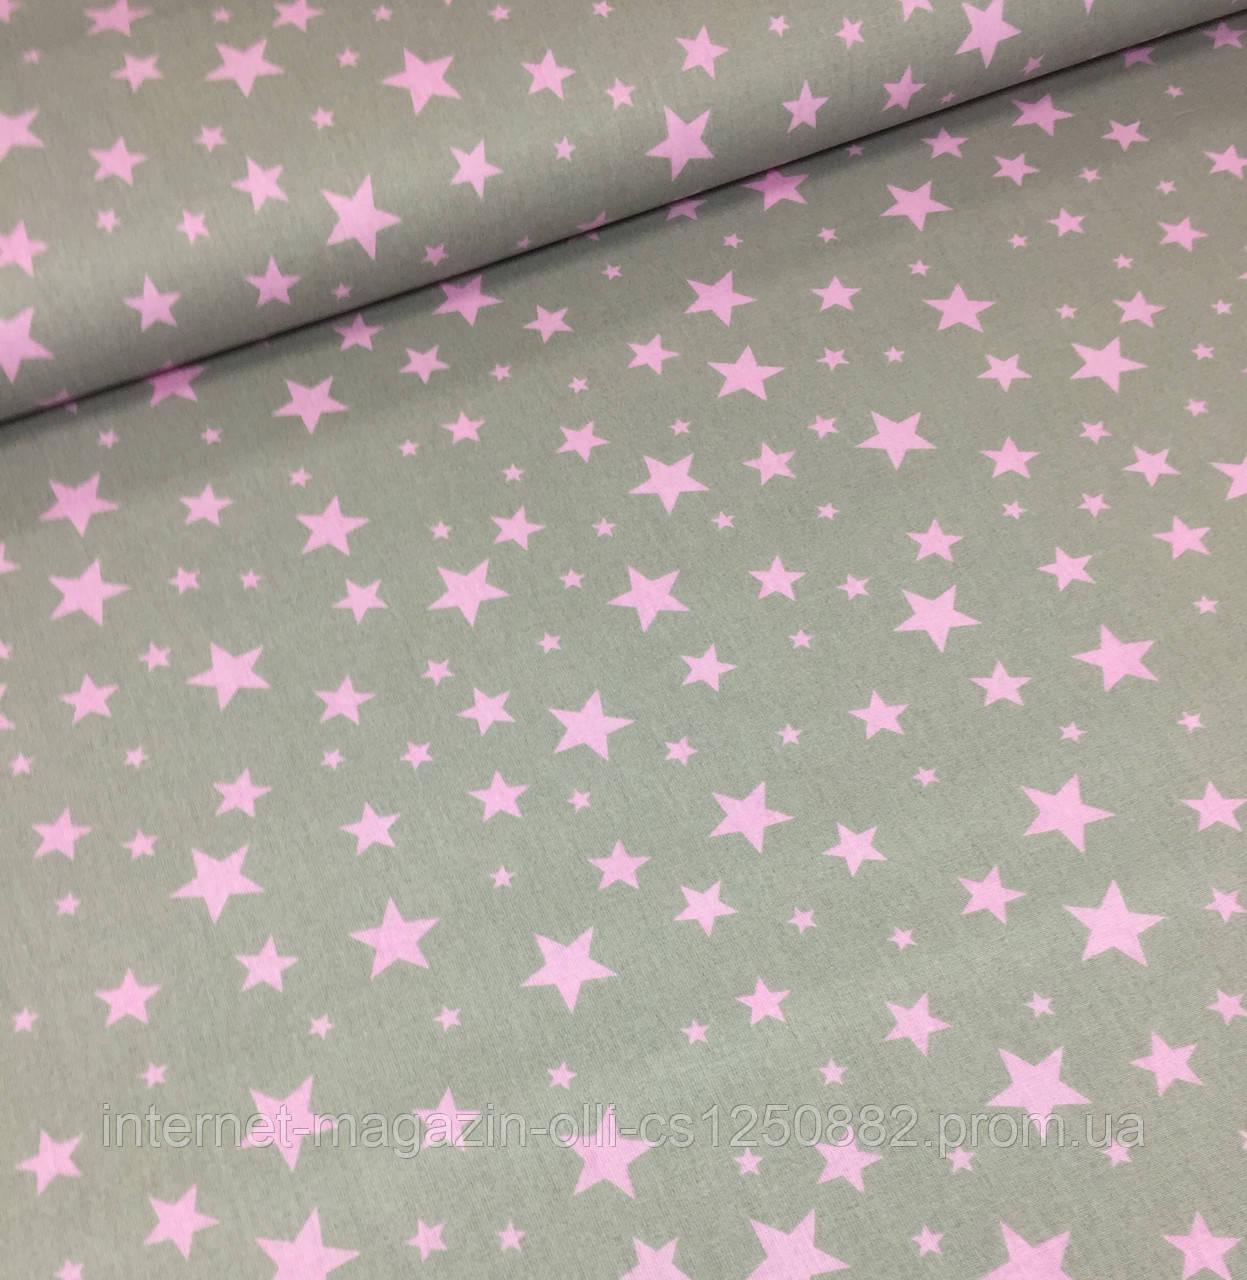 Хлопковая ткань польская звезды розовые большие и маленькие на сером №380